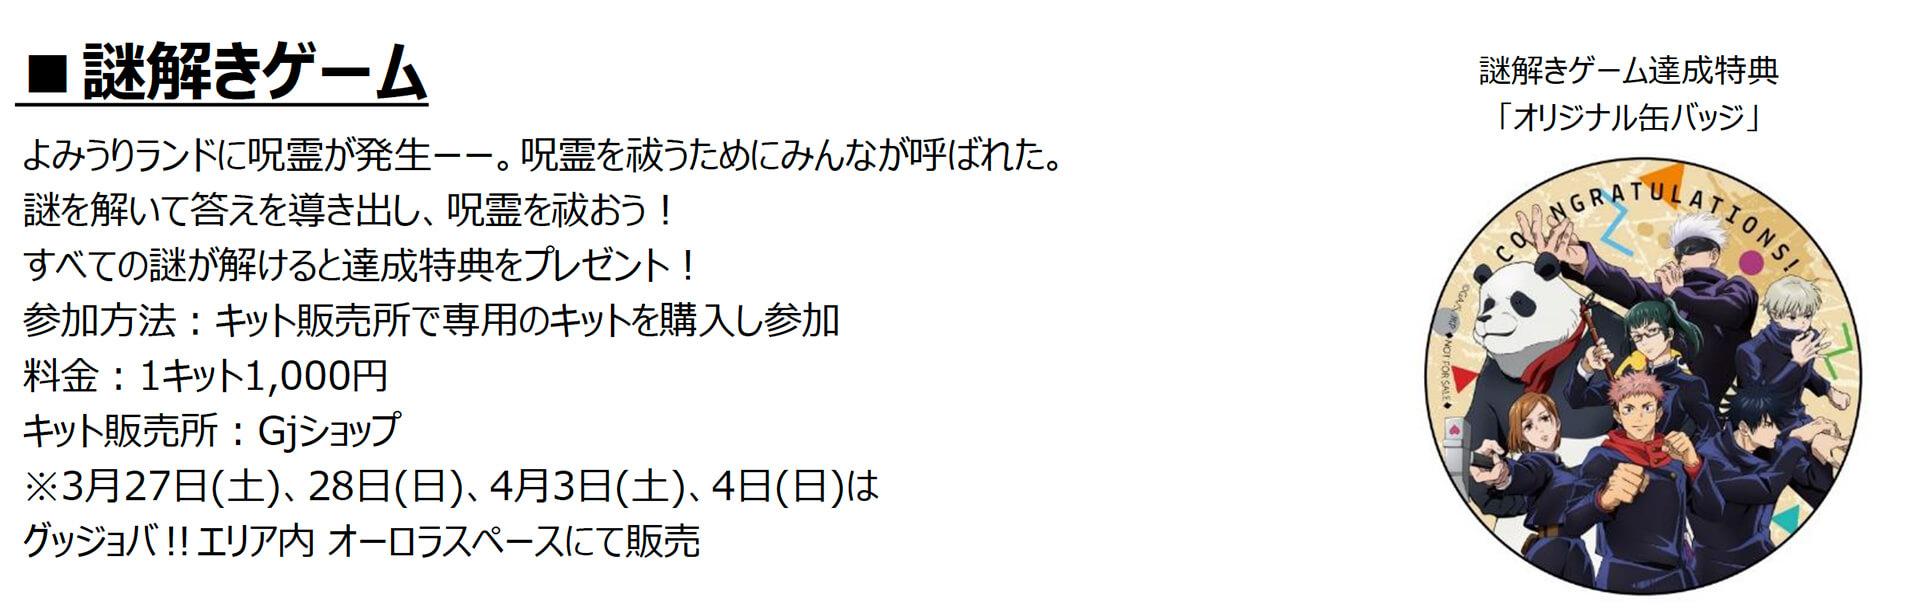 「呪術廻戦」×「よみうりランド」